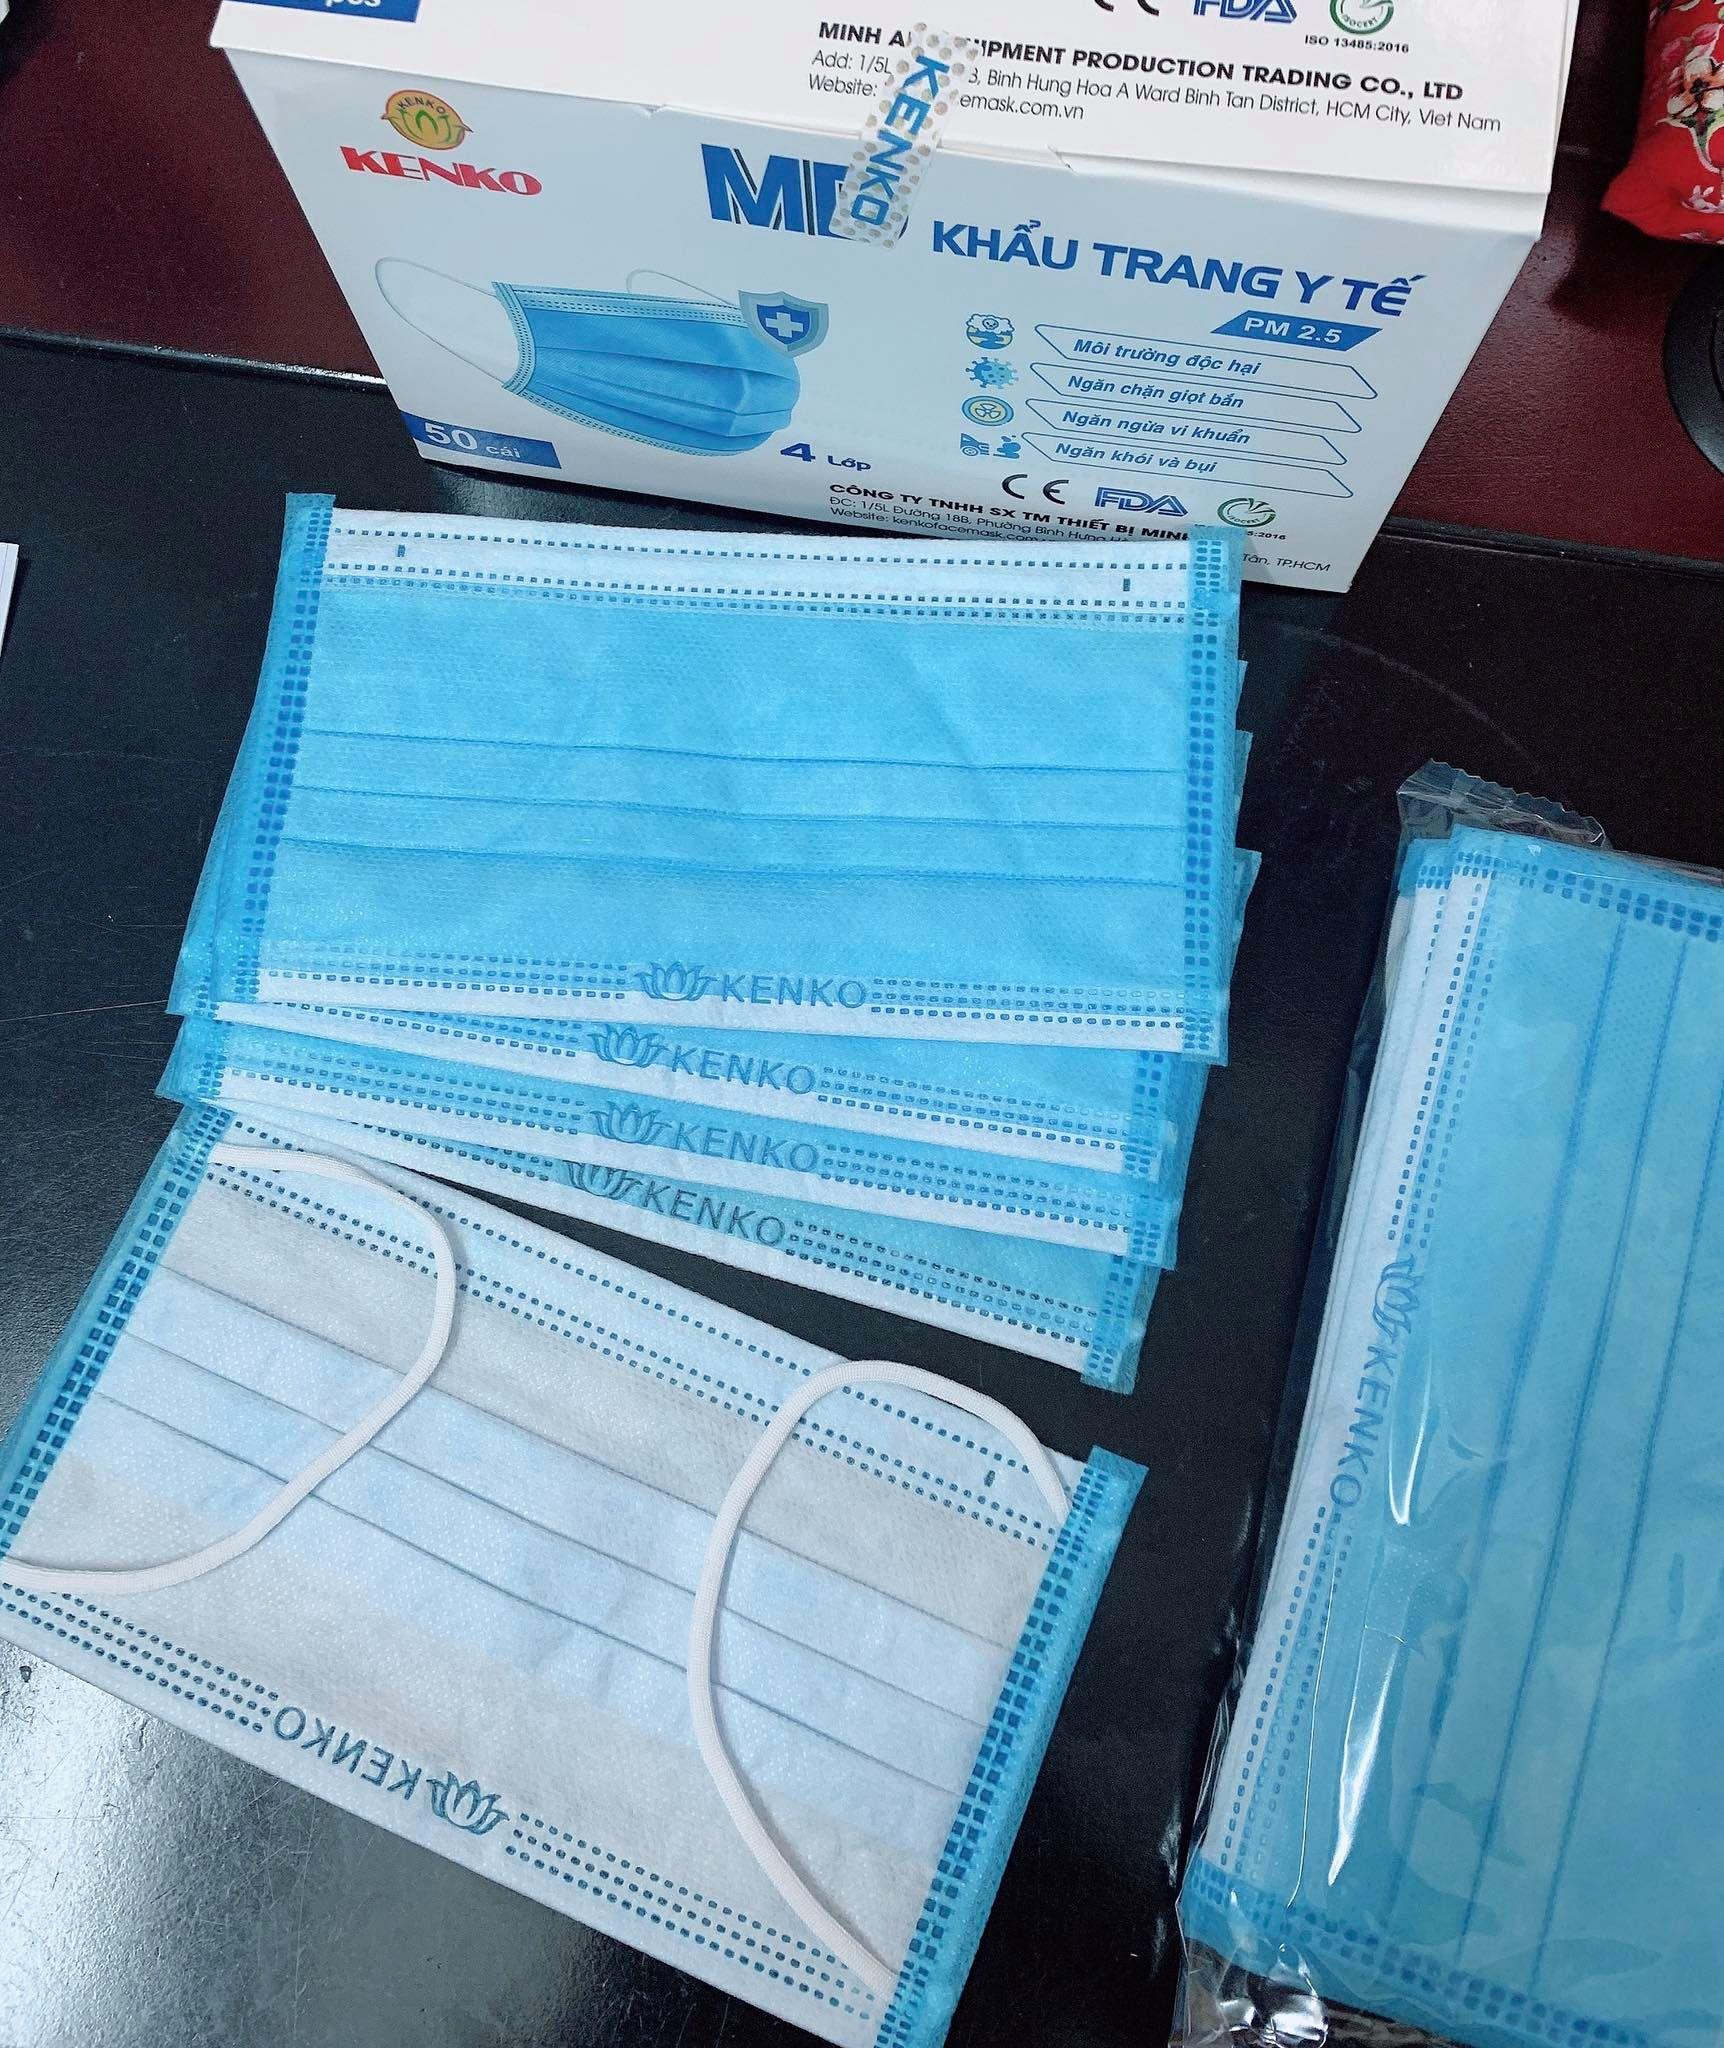 Khẩu trang y tế 4 Lớp Kenko Chuẩn hàng xuất khẩu (1 hộp: 50 cái)   Lazada.vn